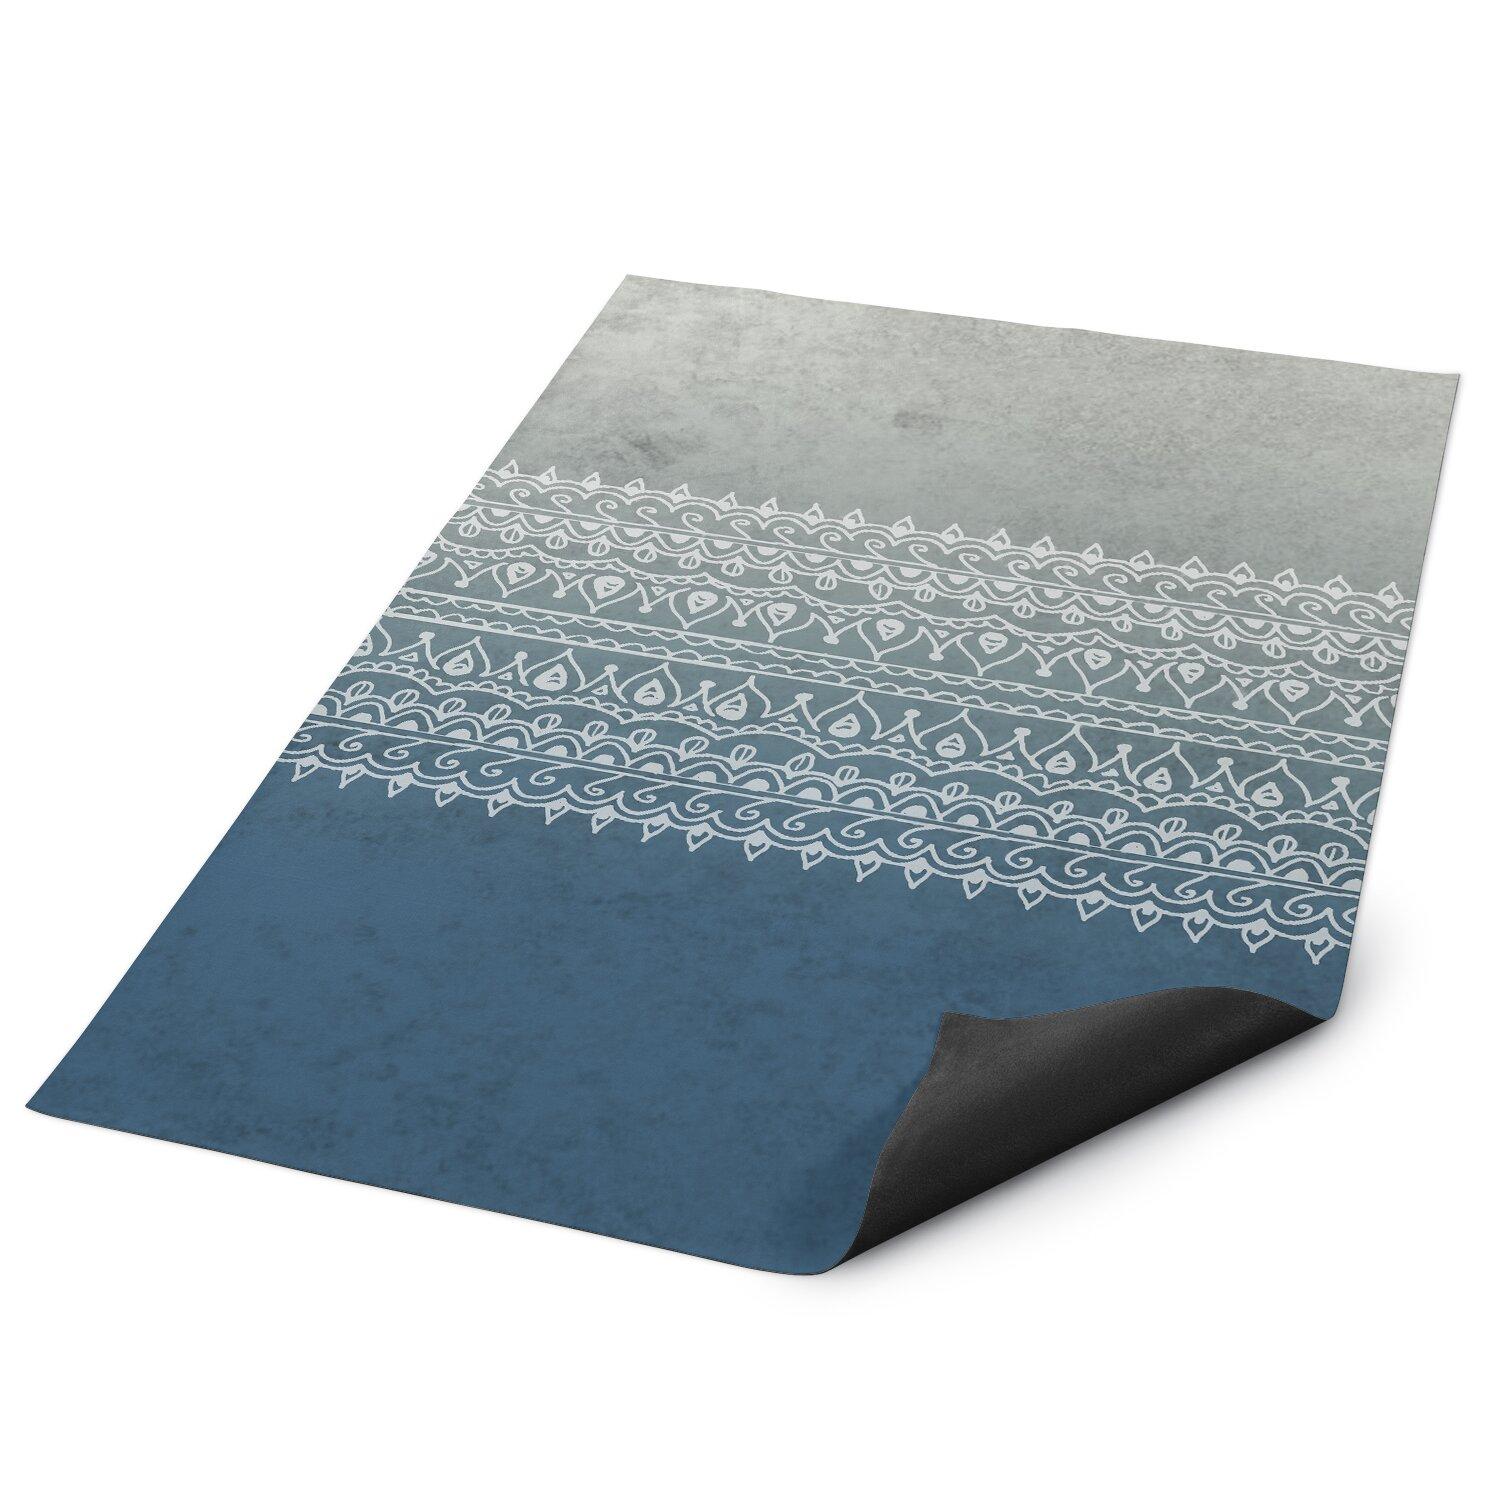 kavka apostrophe indoor outdoor floor mat wayfair. Black Bedroom Furniture Sets. Home Design Ideas